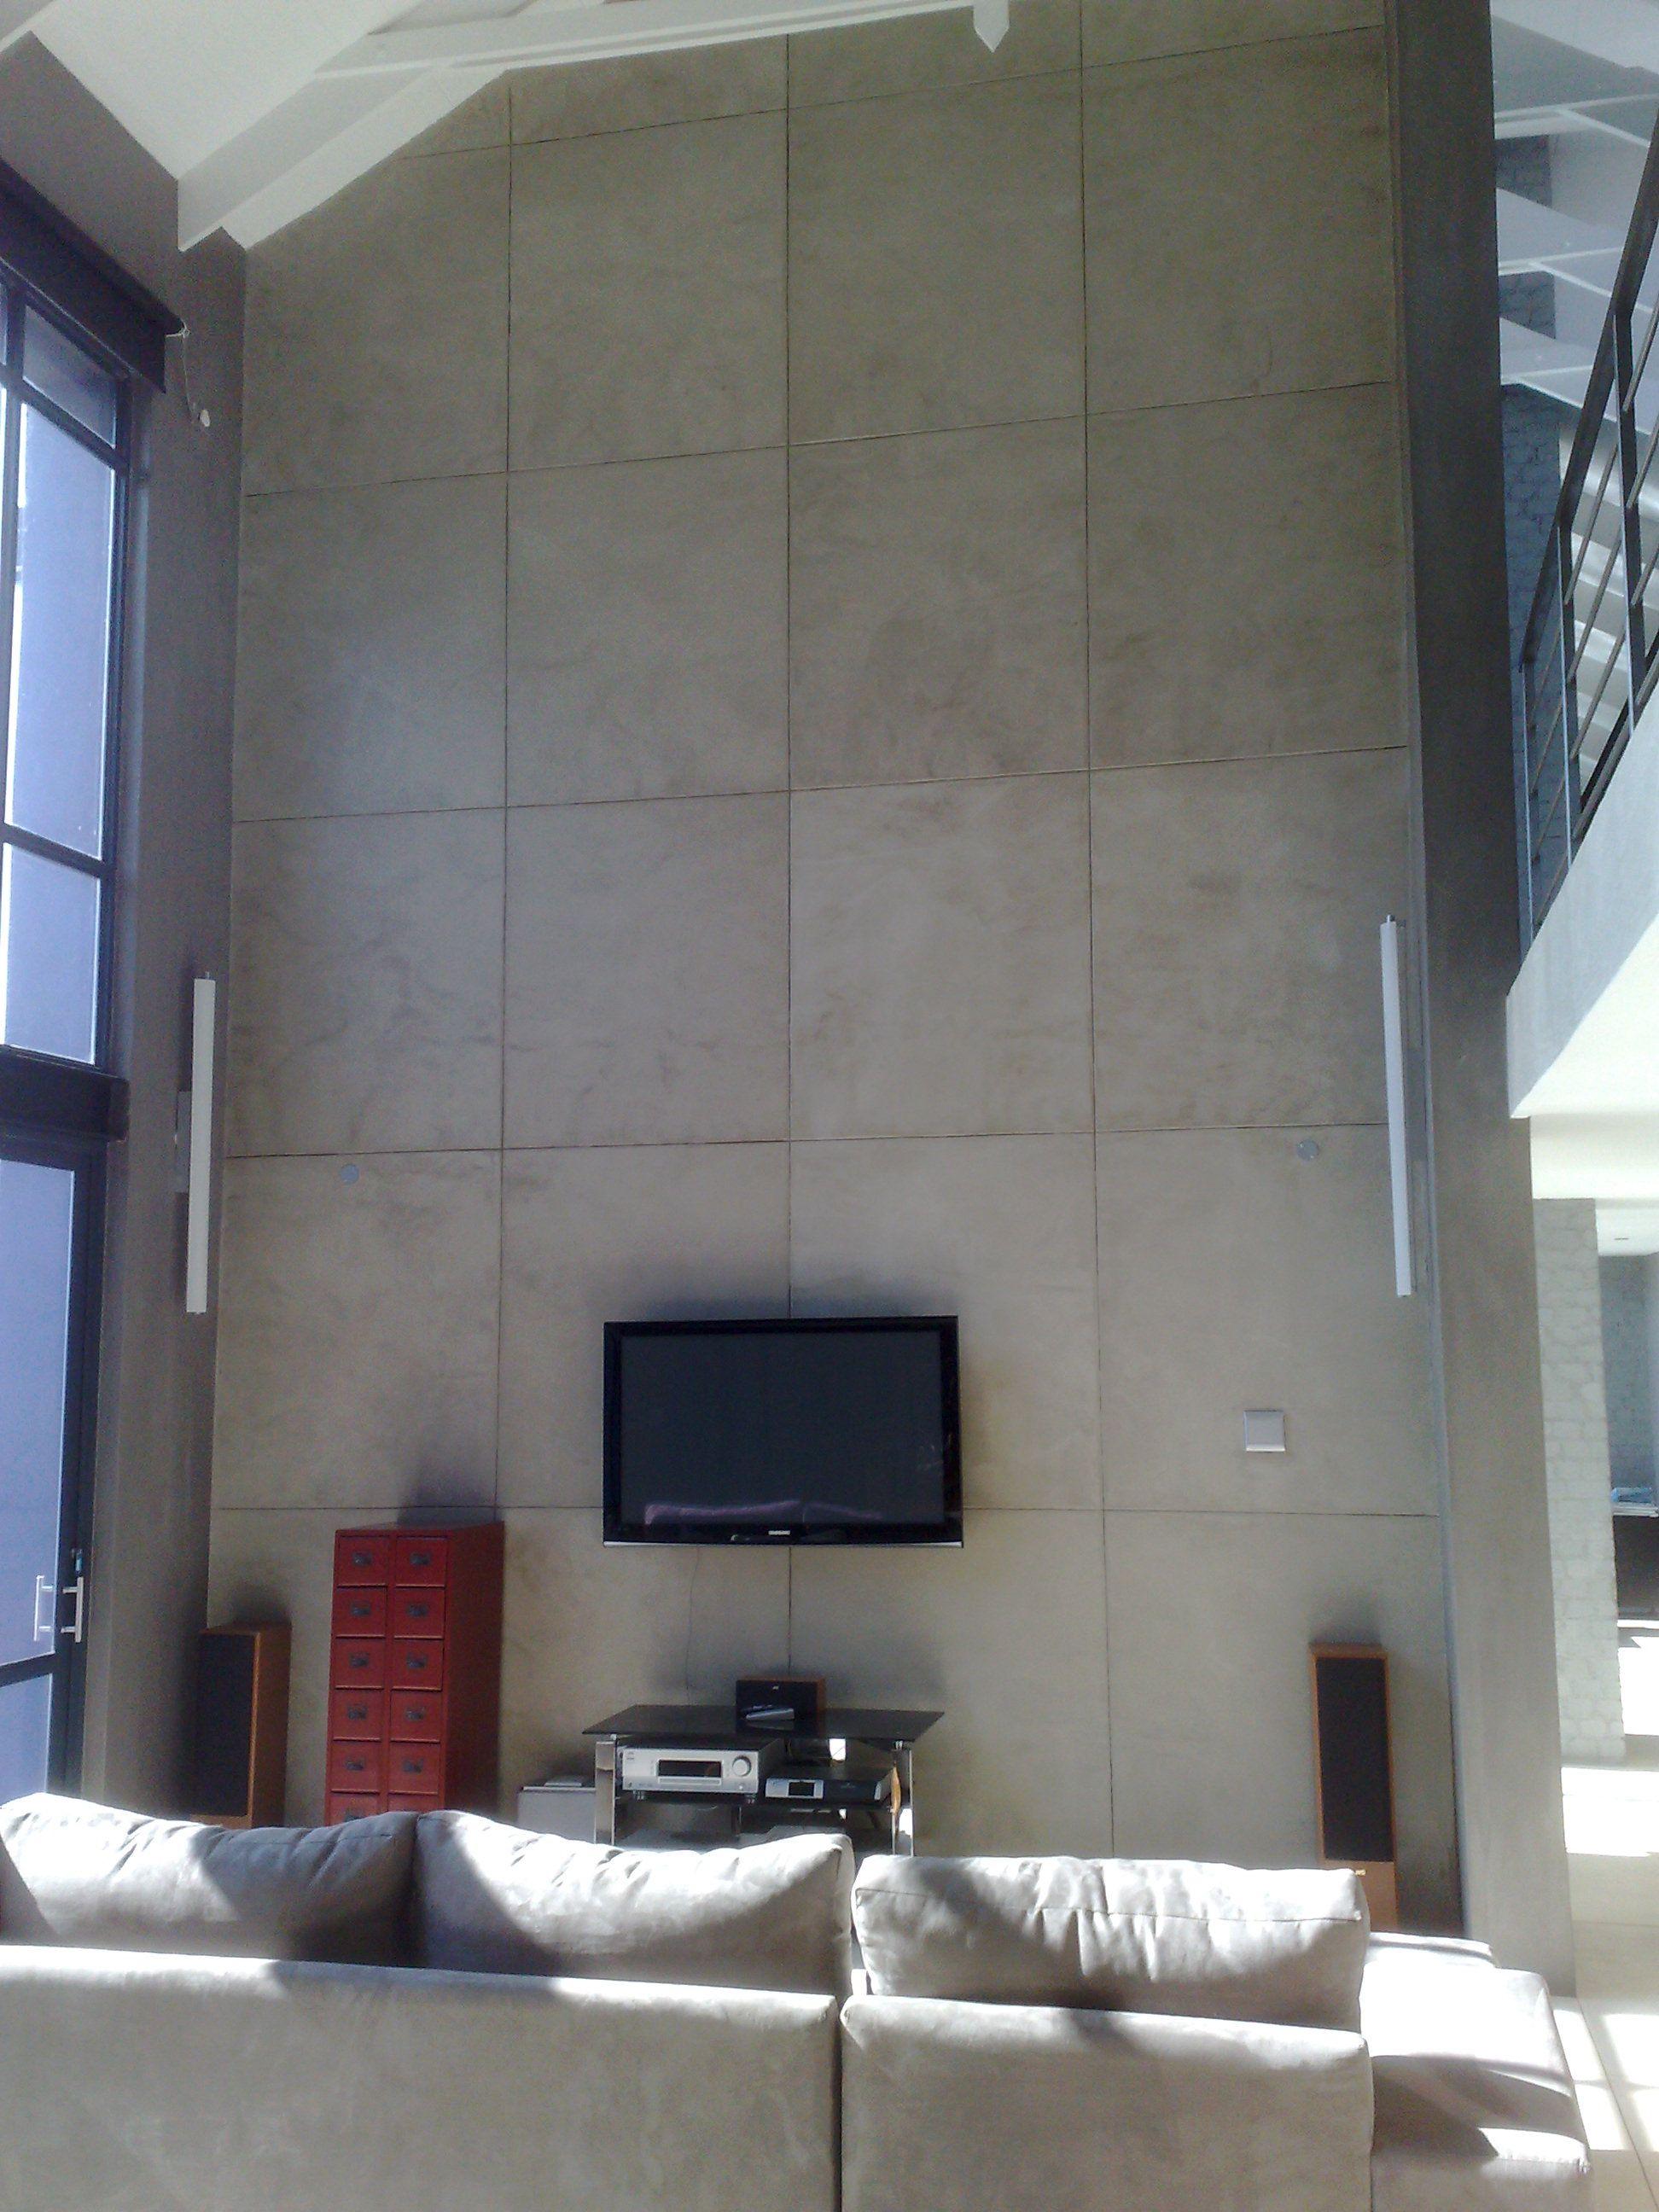 Cemcrete Interior Wall Finish